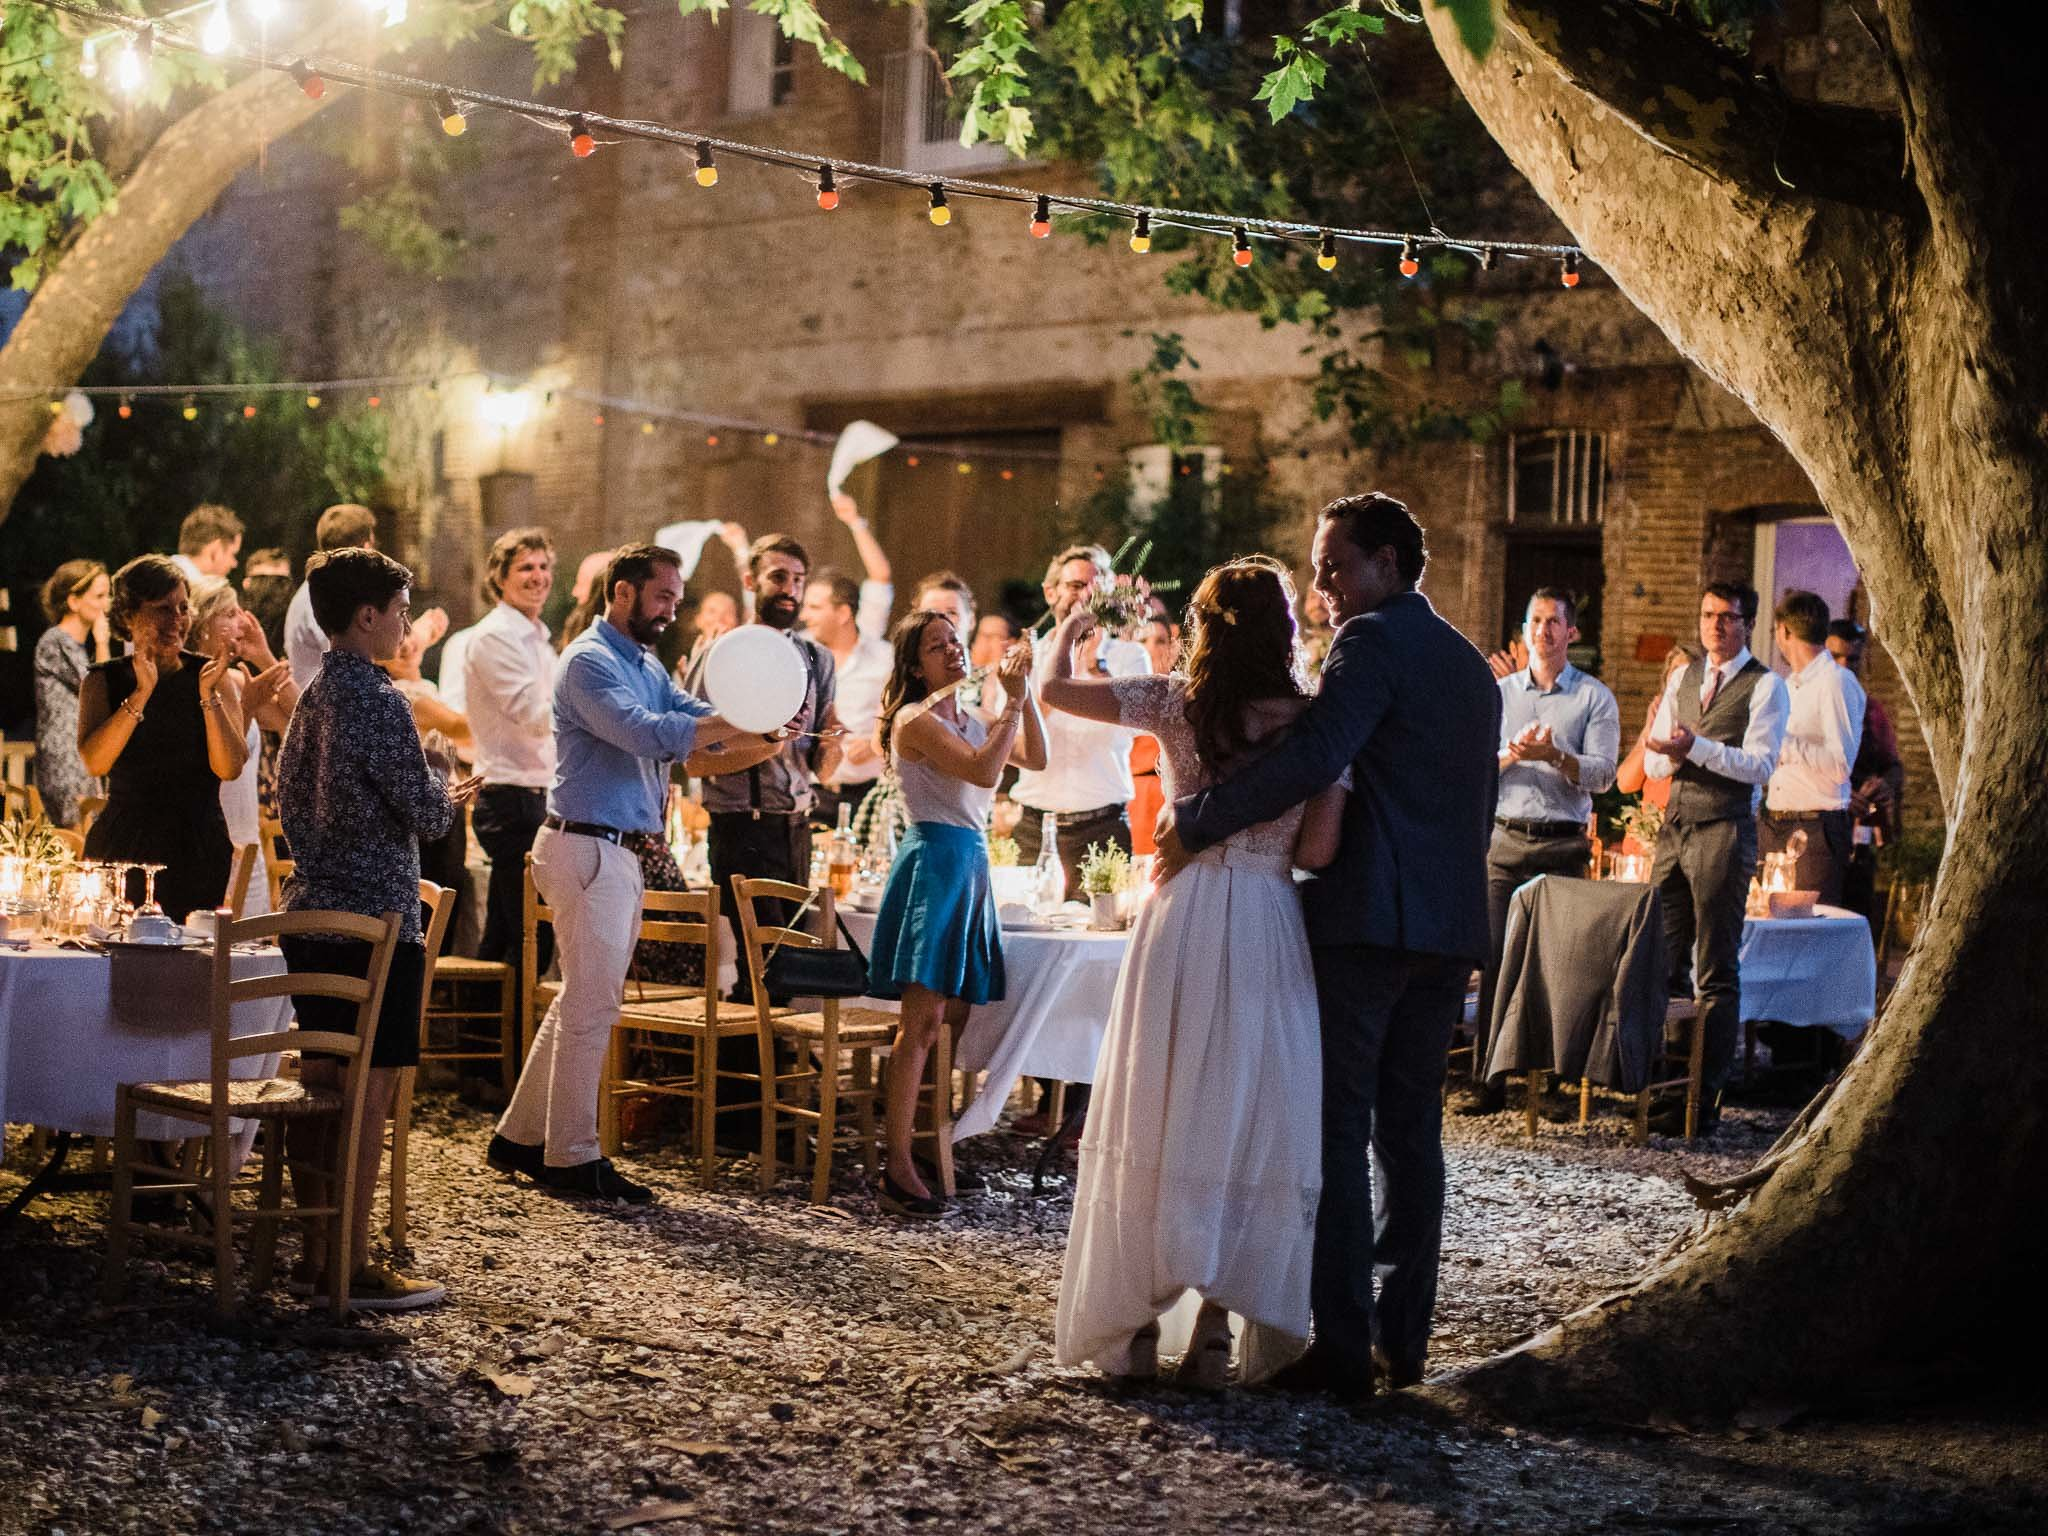 Mariage gite & chambre d'hôtes Pyrénées Orientales - Fête